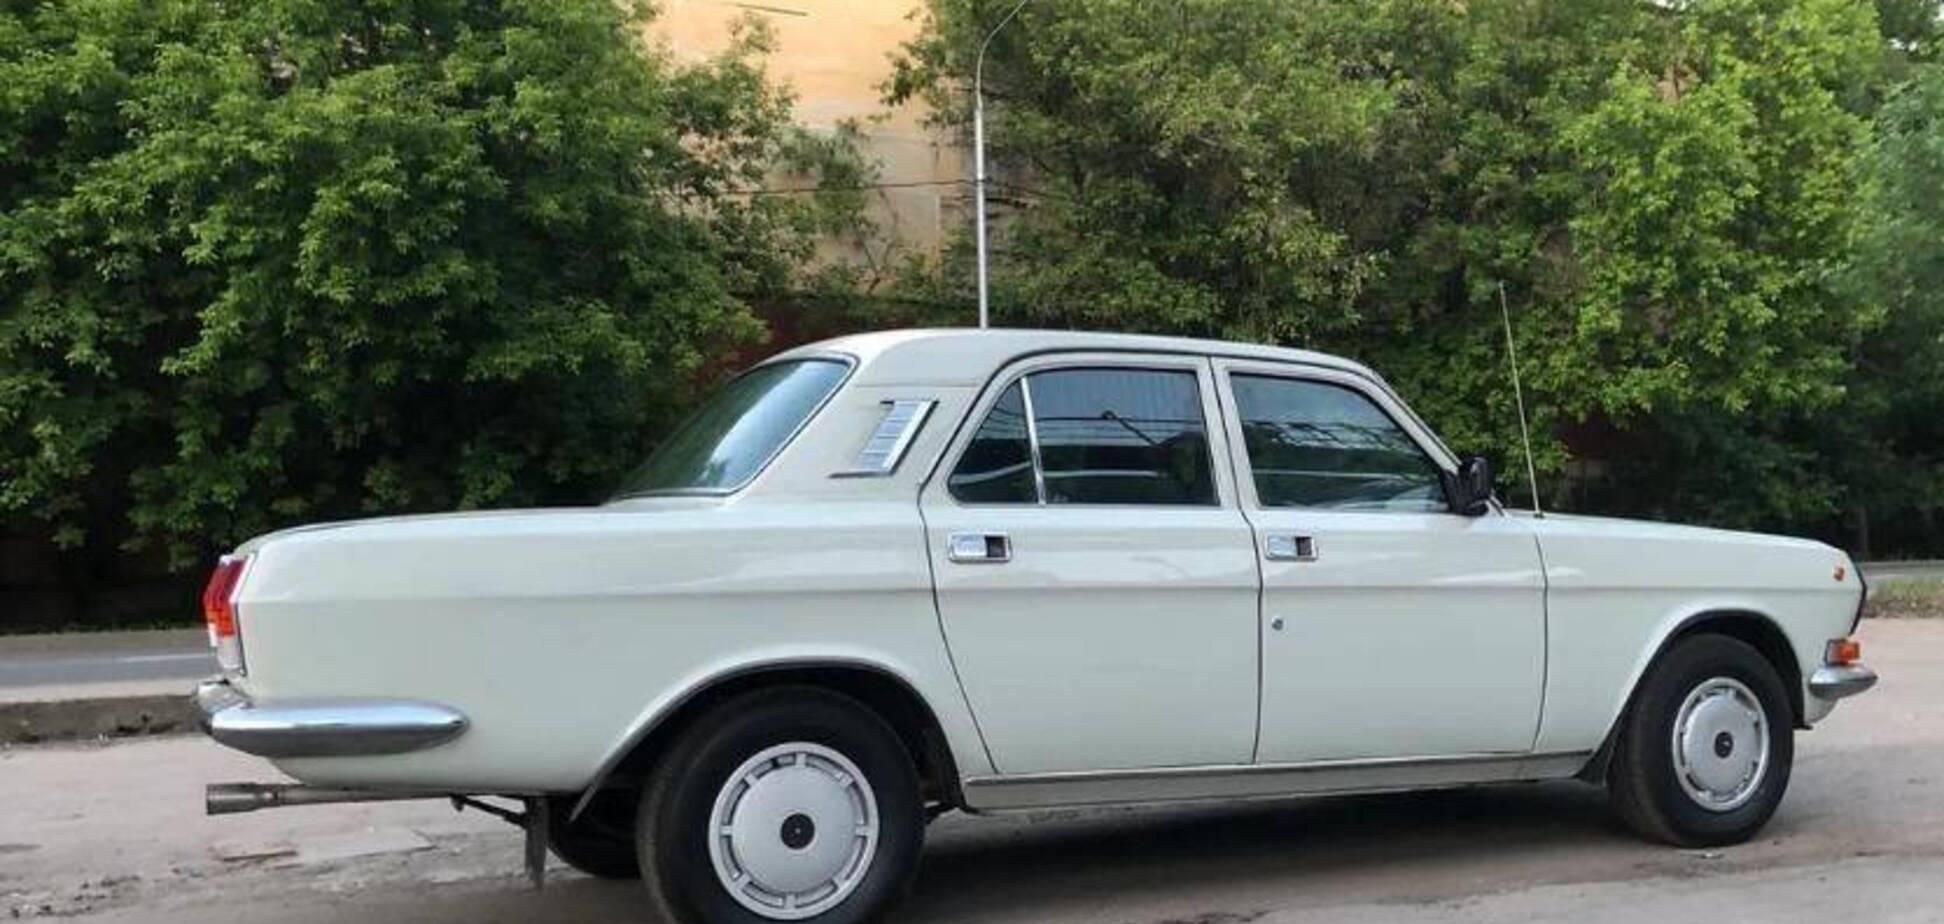 Рідкісну ГАЗ-24 'Волга' із секретом під капотом оцінили у $32 000